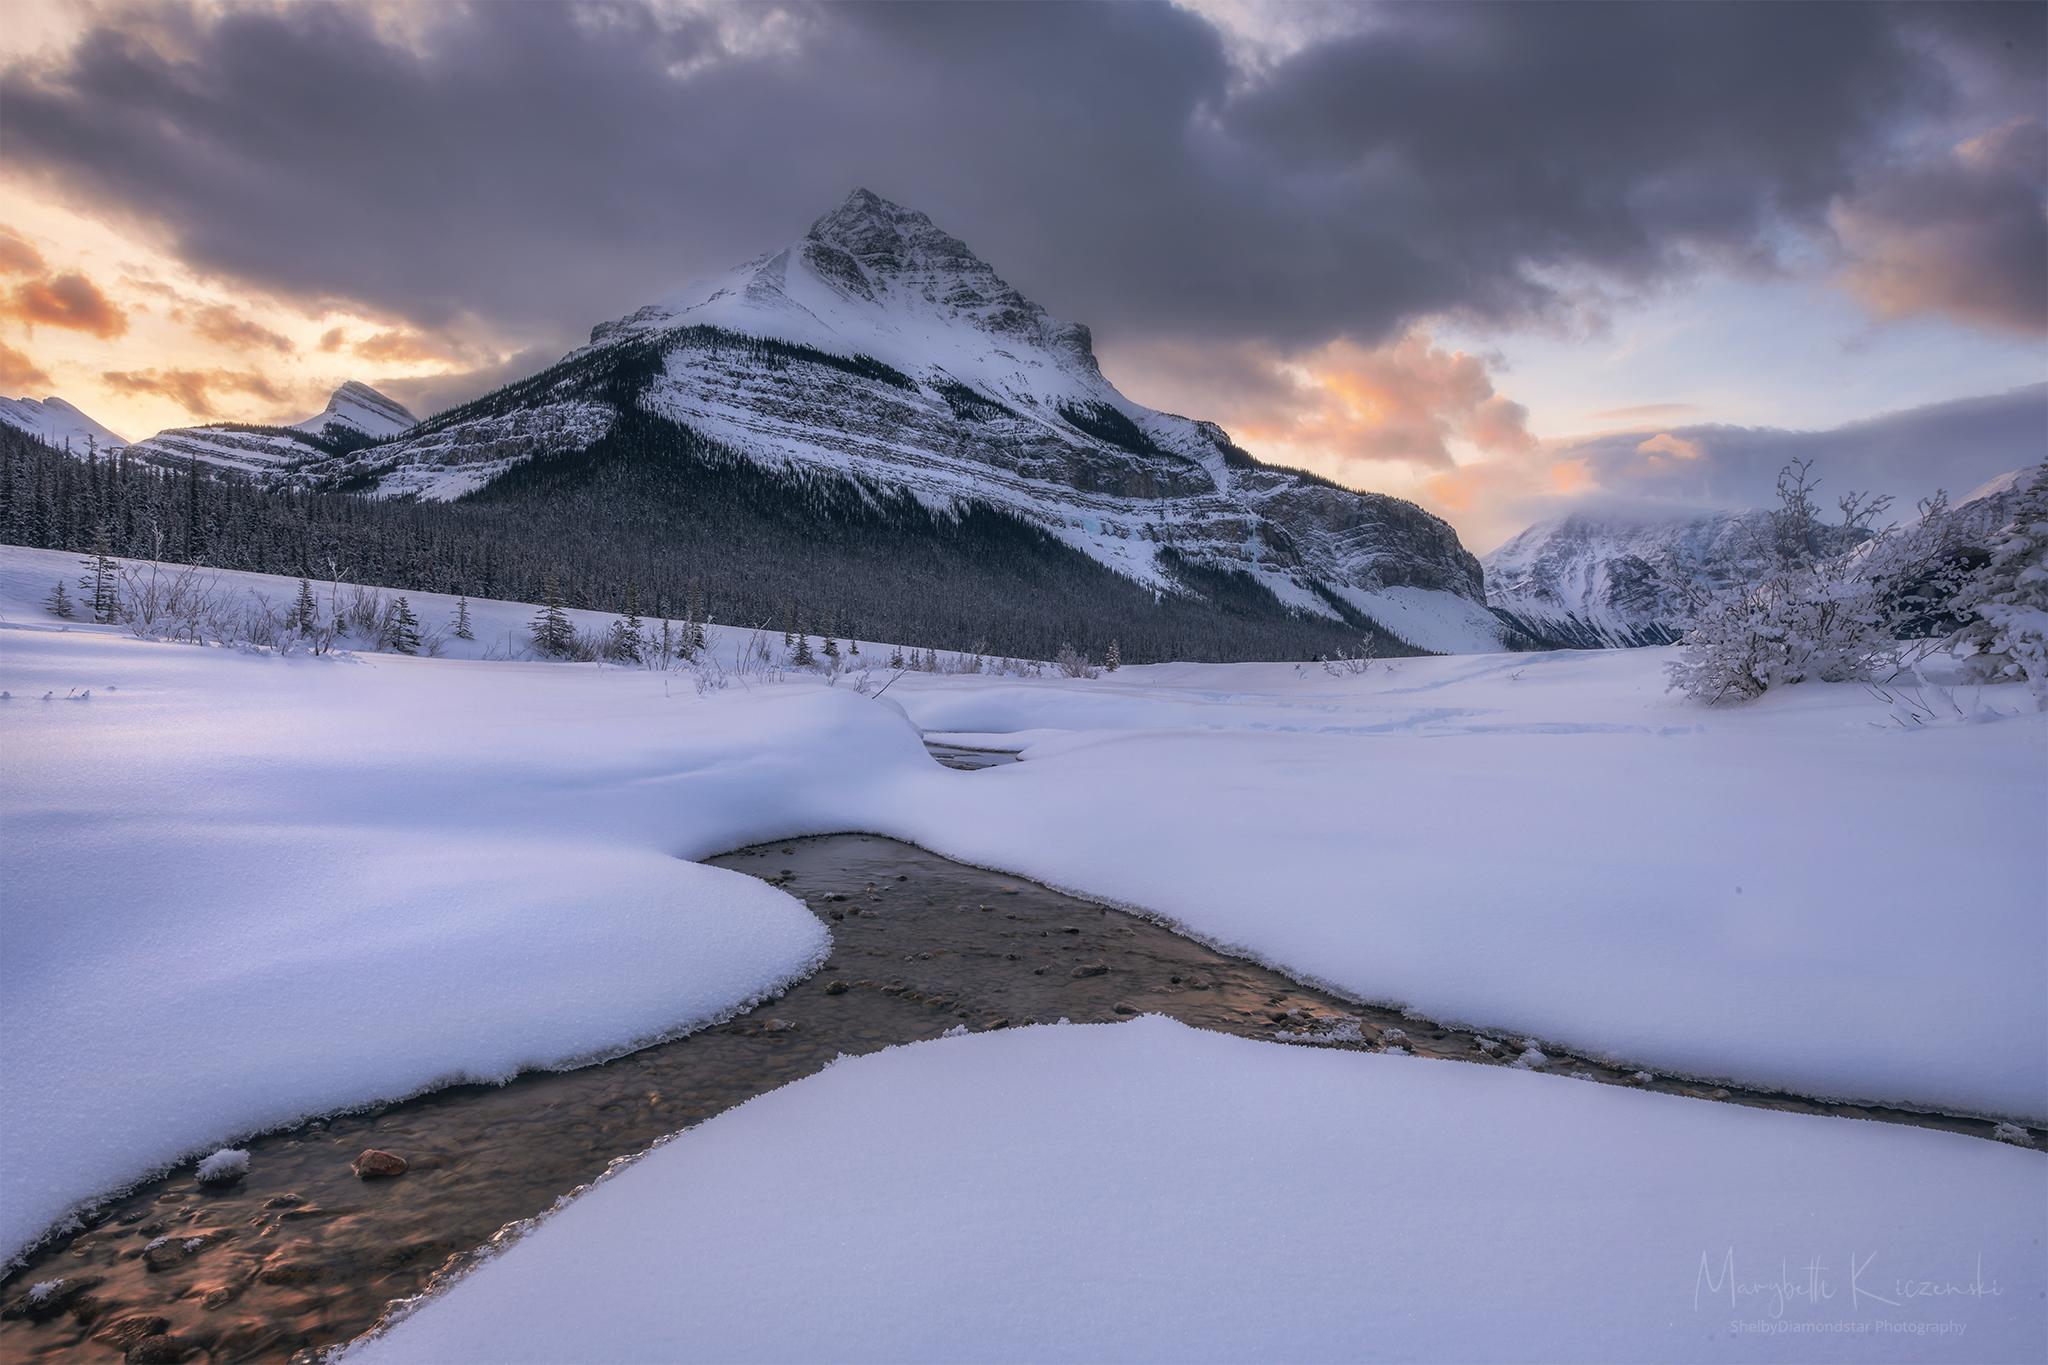 Tangled Peak - Sunrise